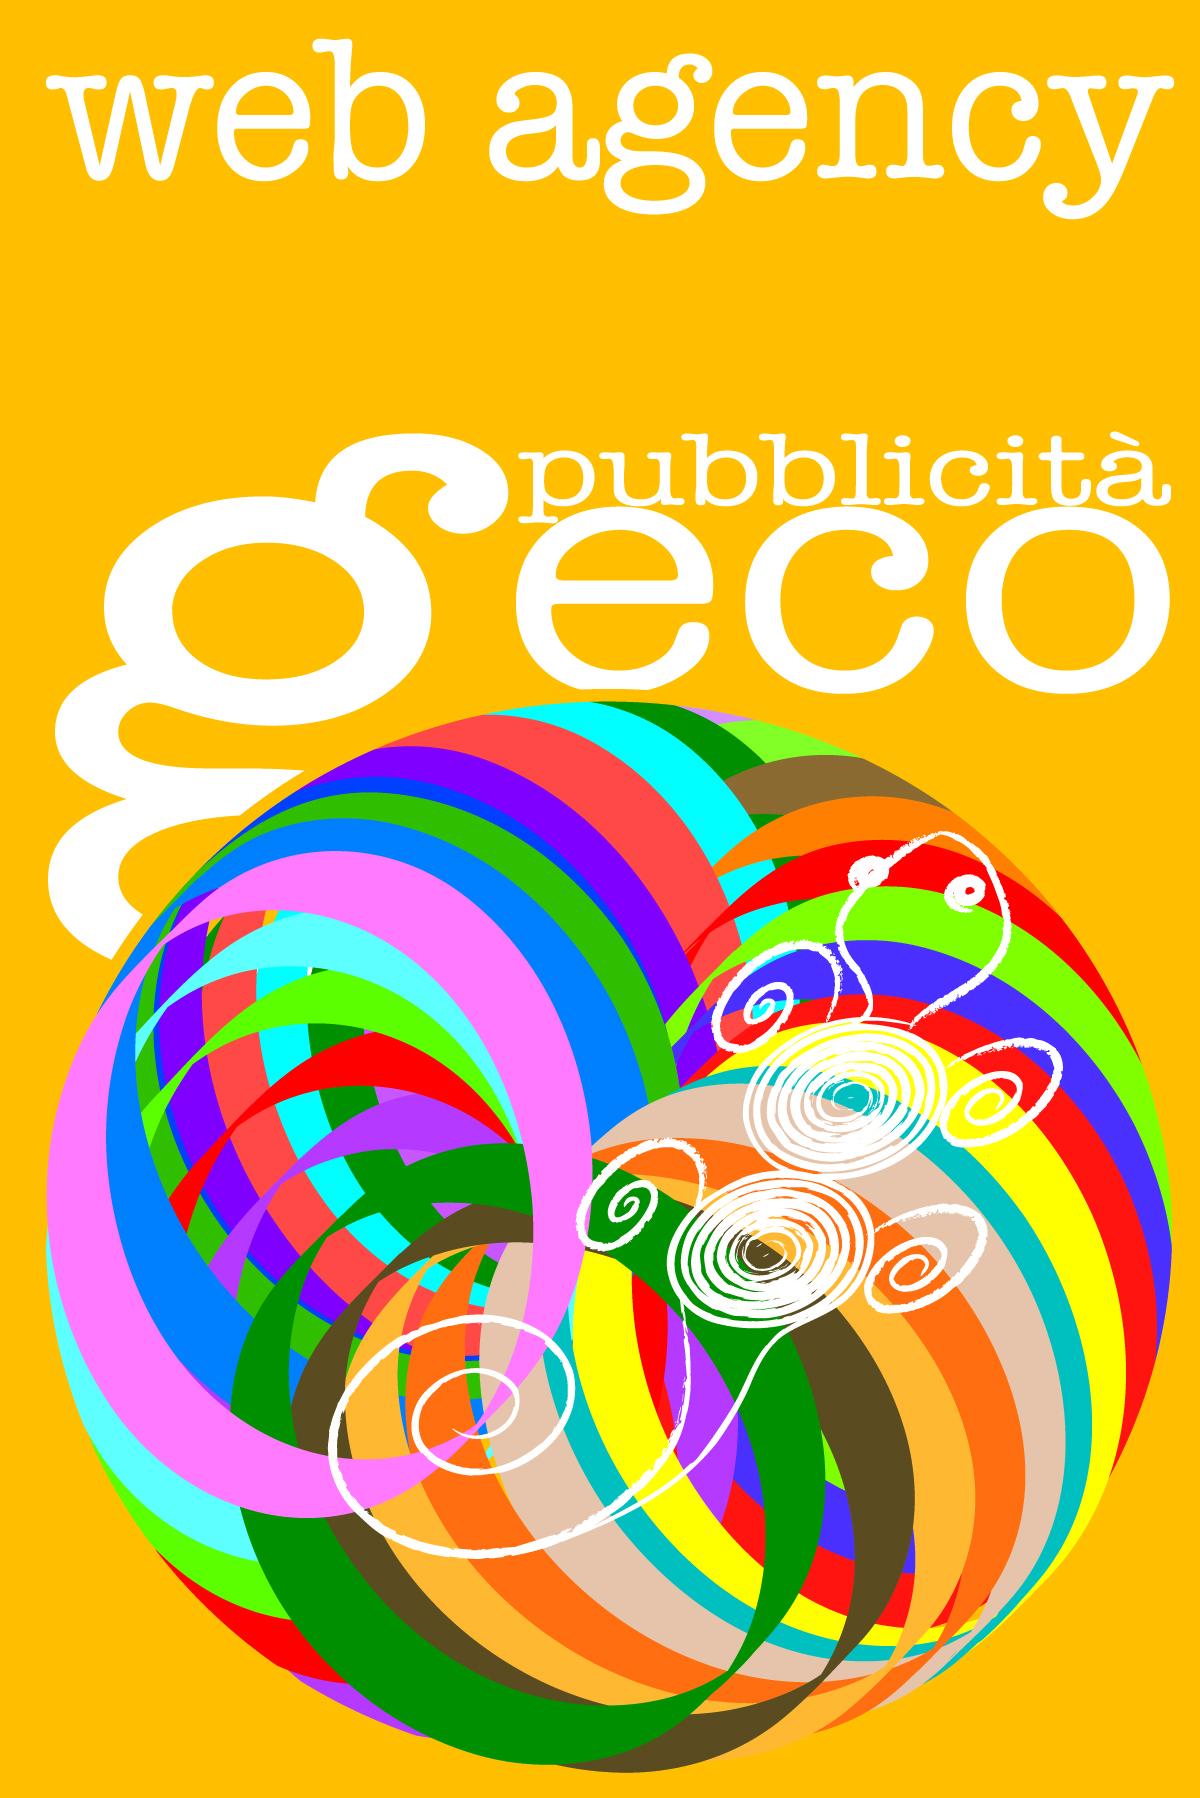 Il BLOG di Geco Pubblicità | web agency